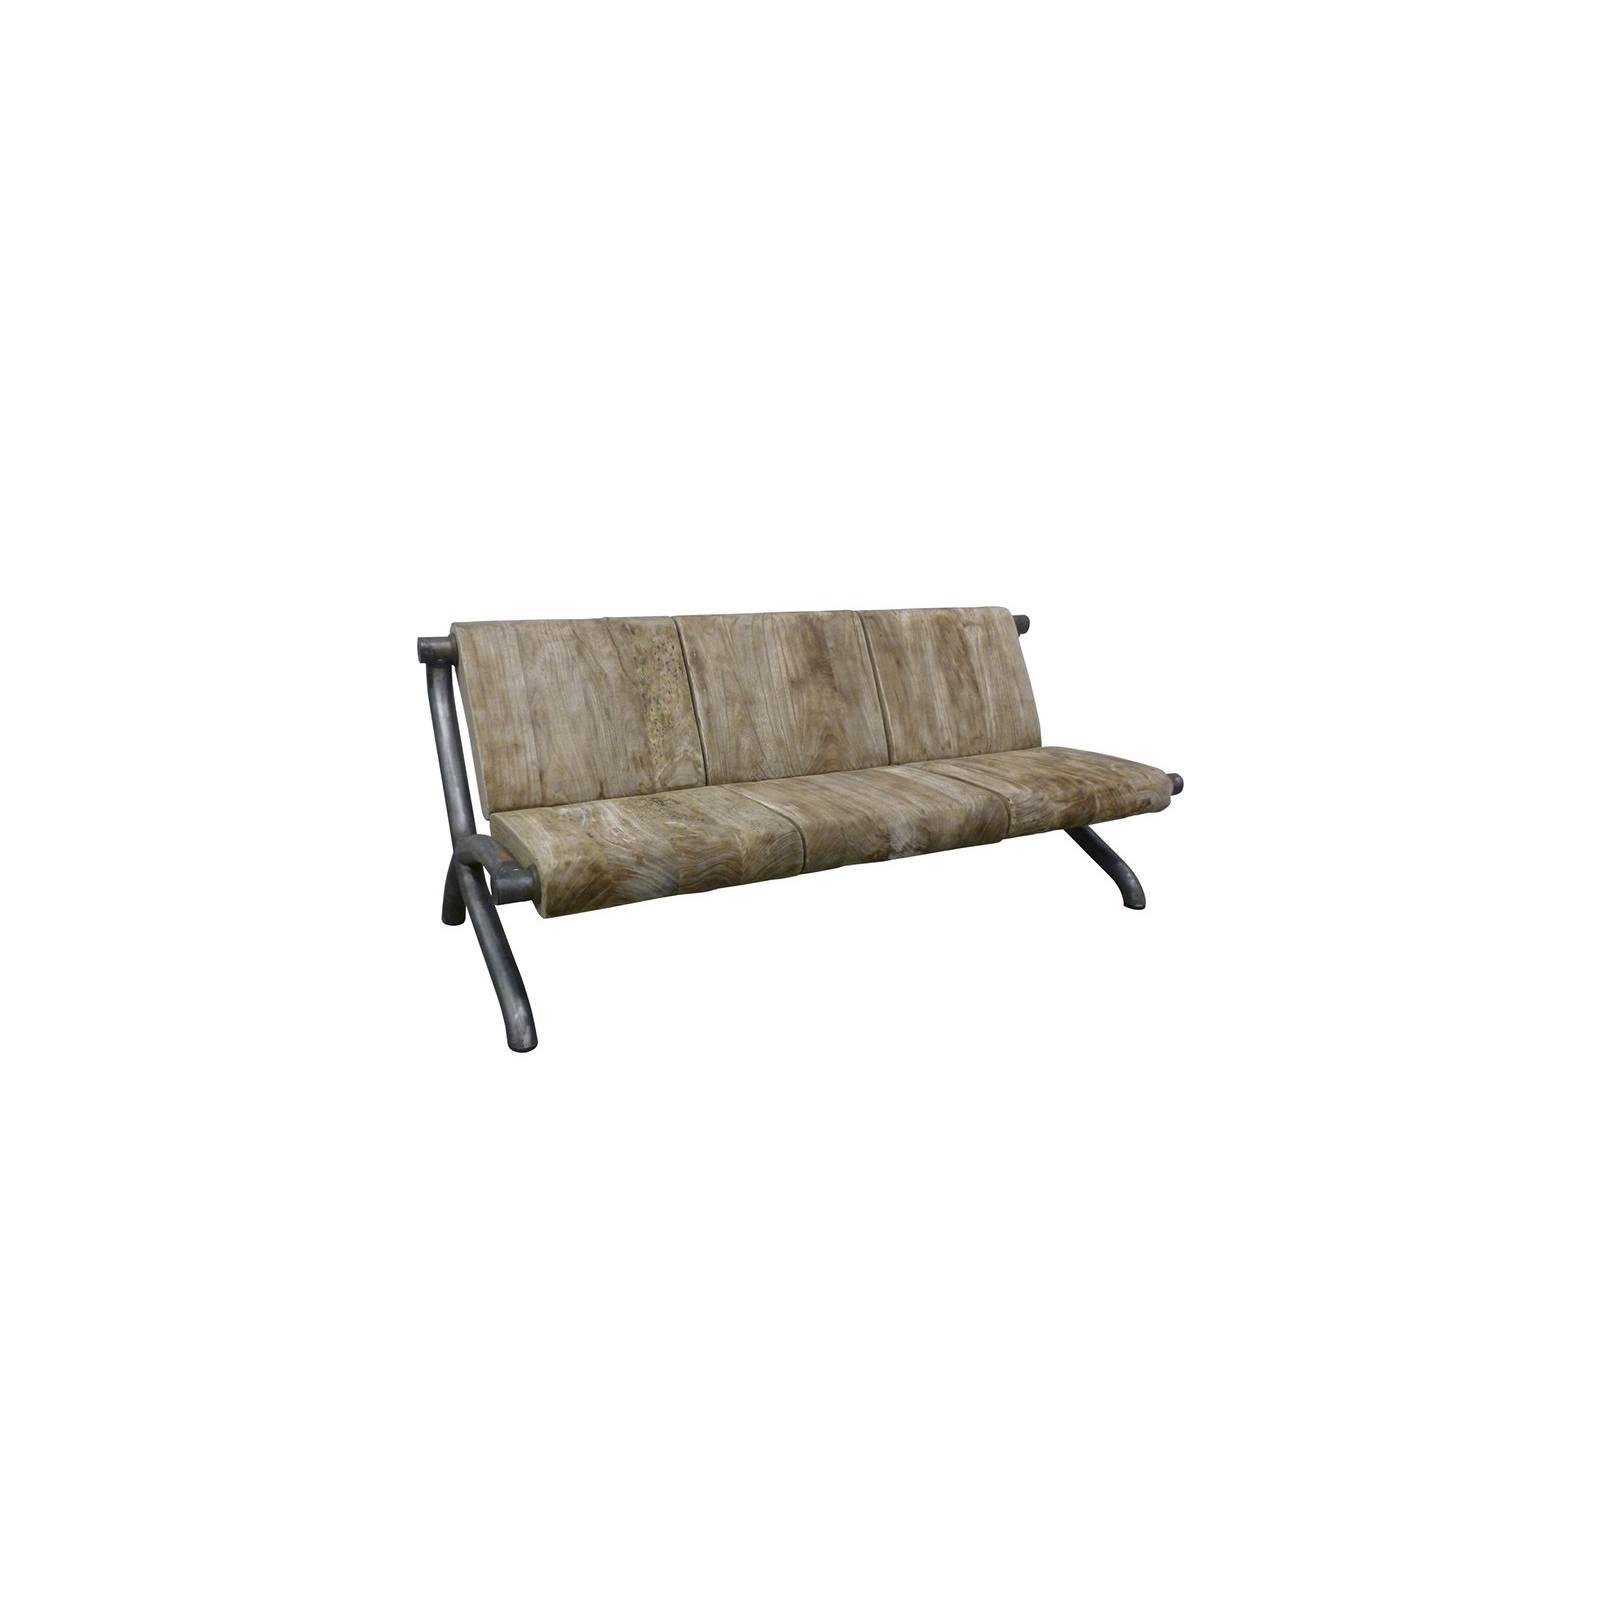 Canapé Victor Pin - meuble style rétro